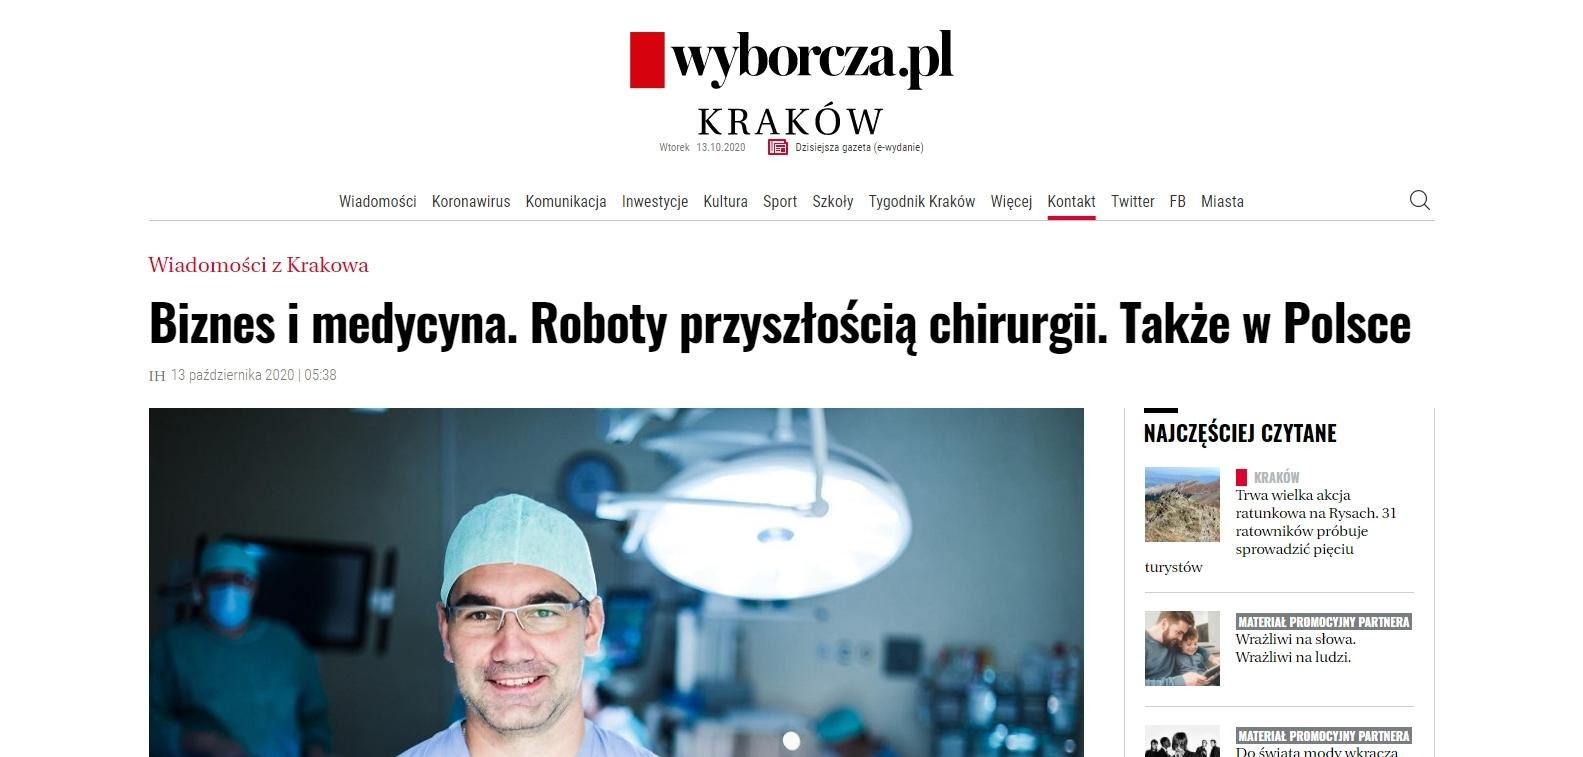 biznes i medycyna roboty przyszloscia chirurgii takze w polsce